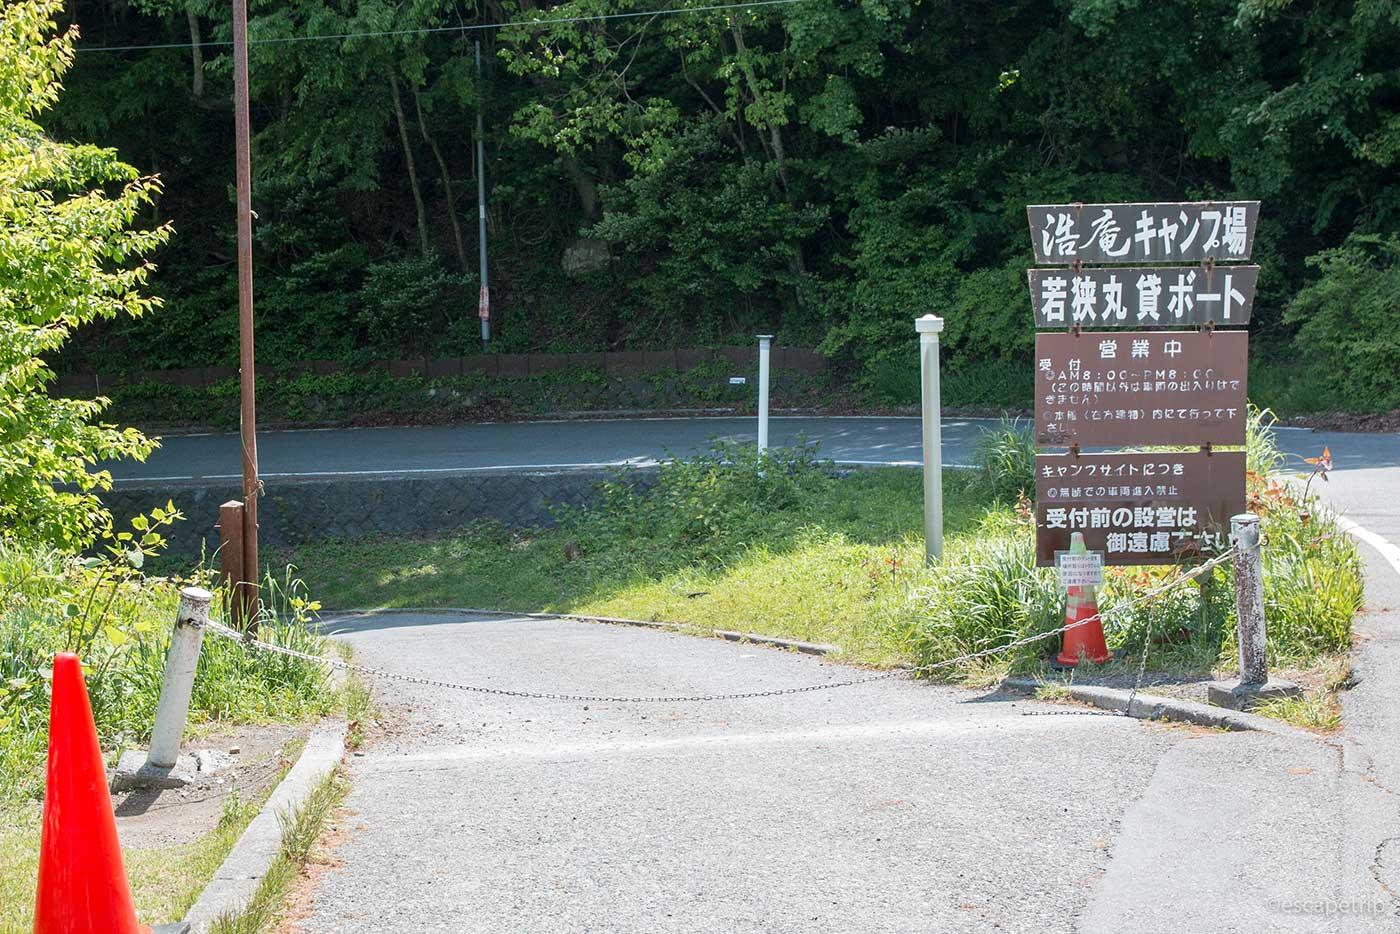 キャンプ場への入り口